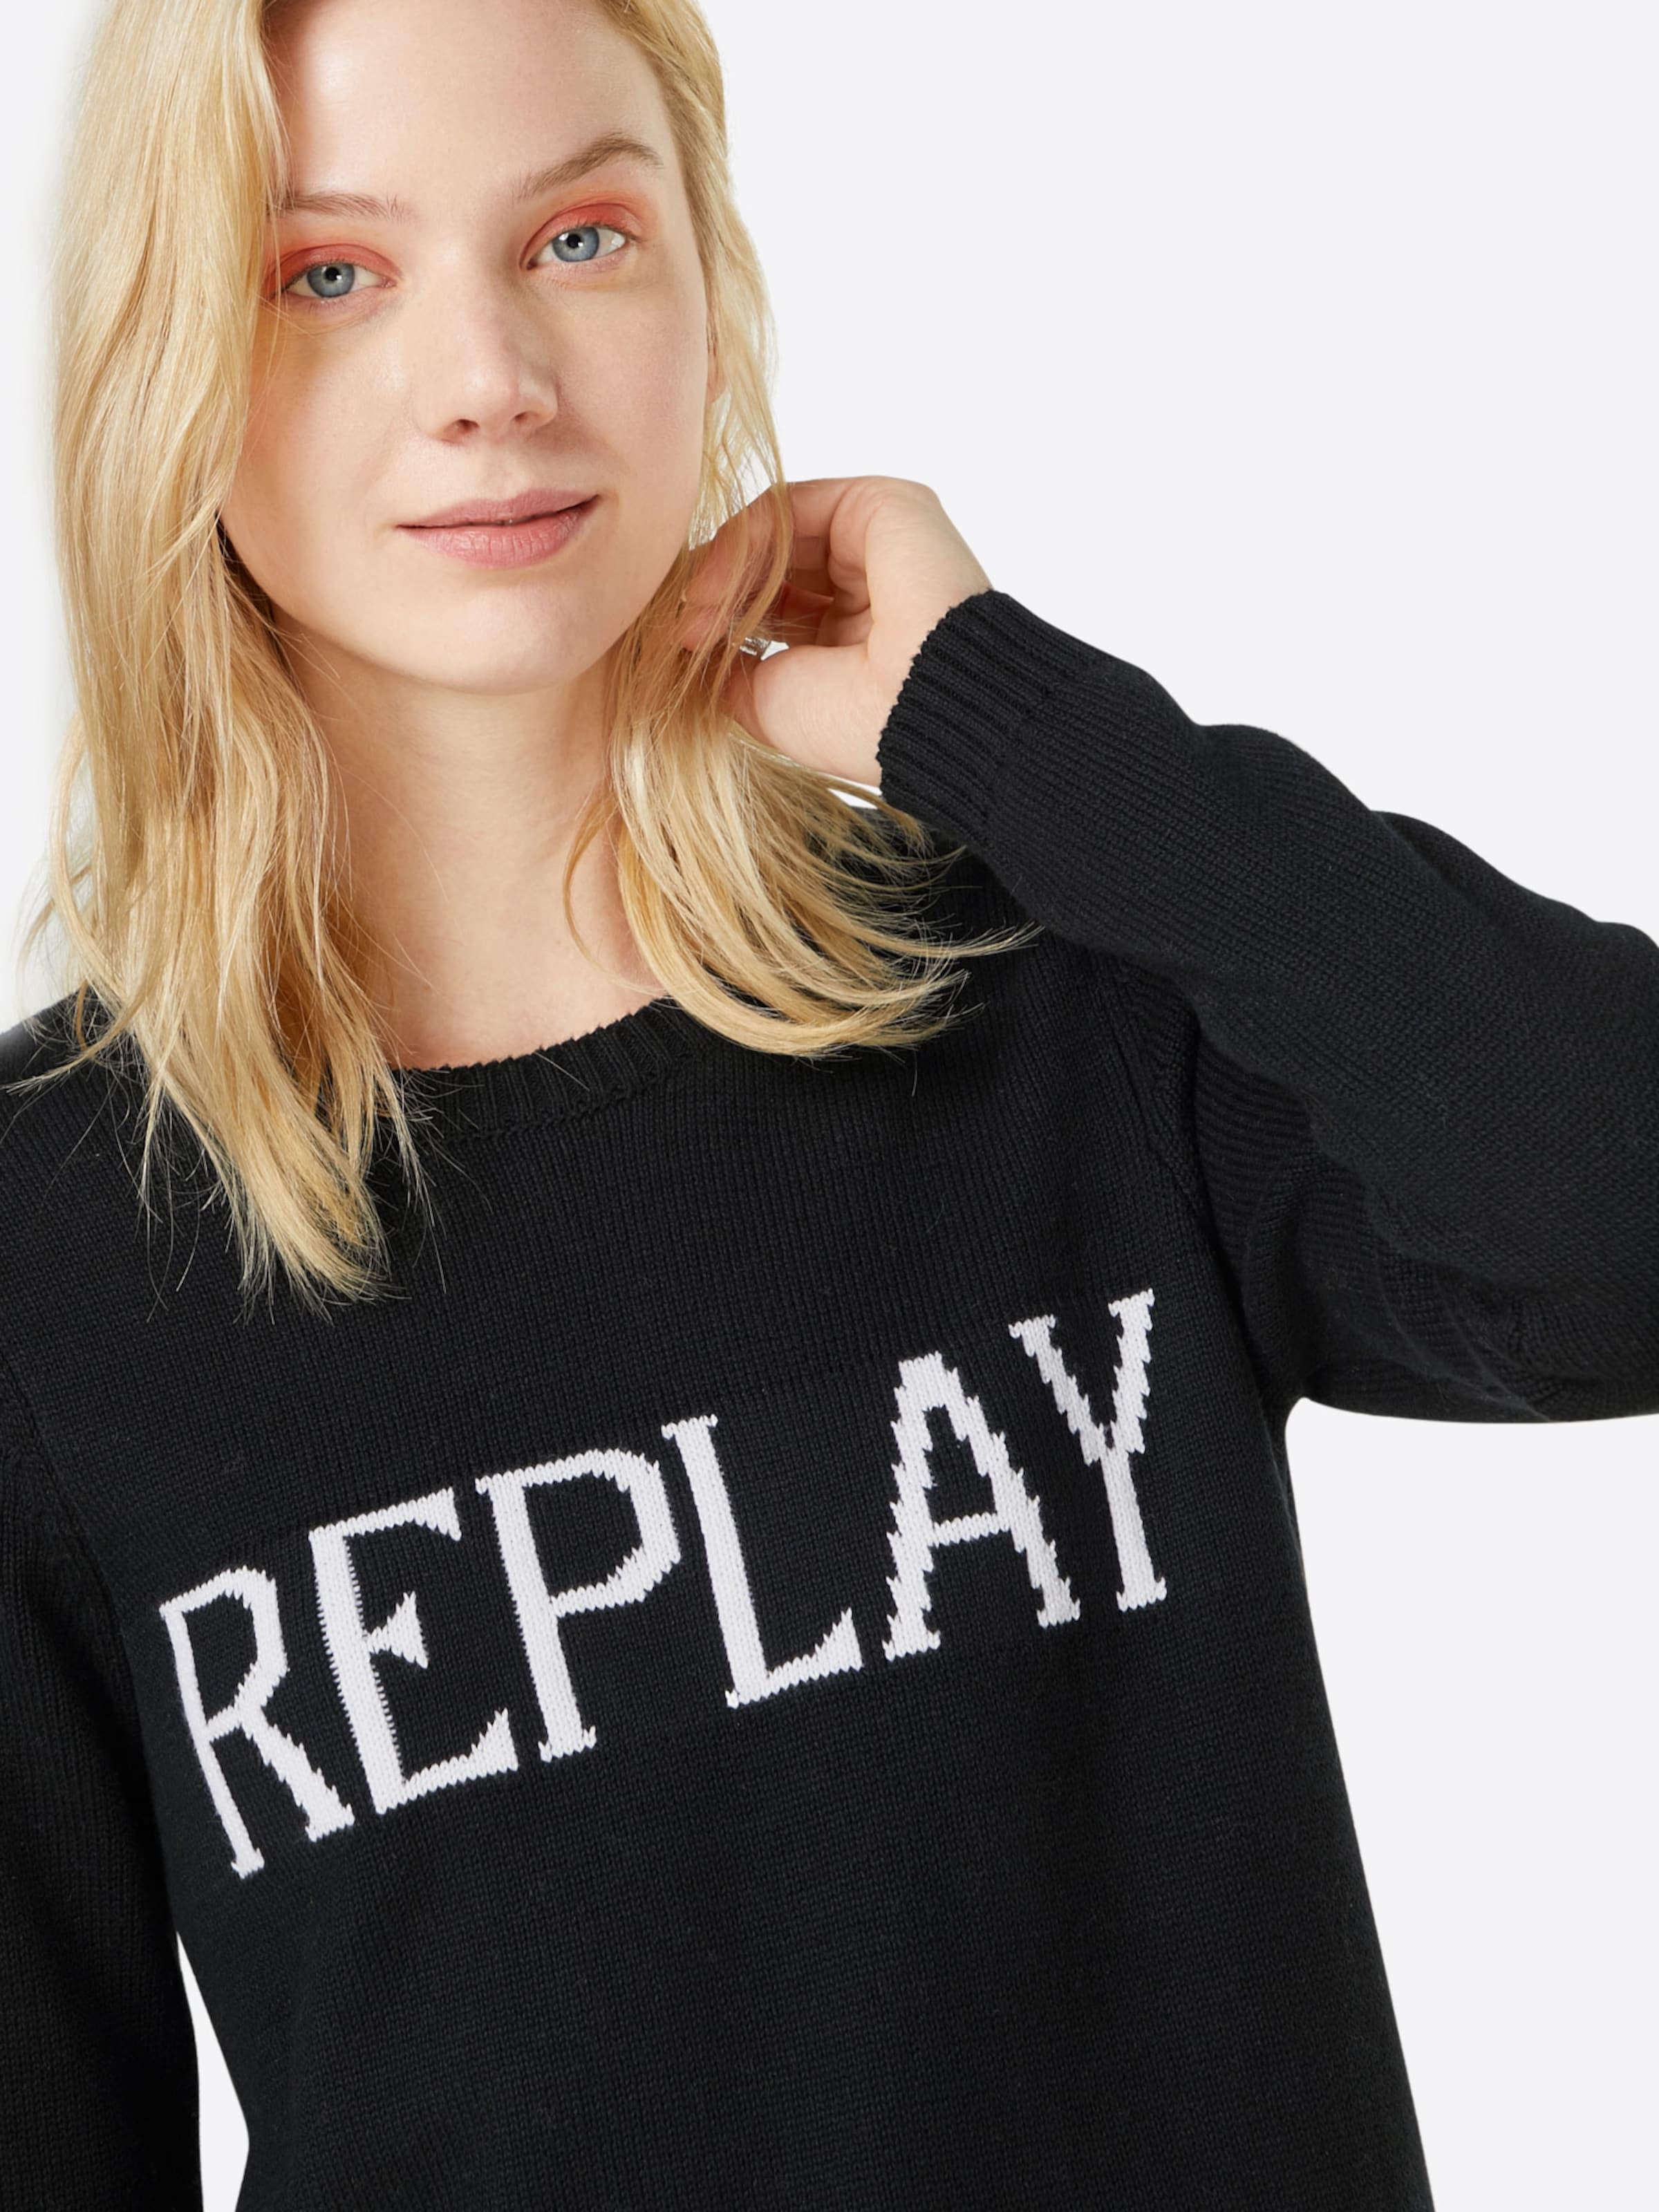 REPLAY Pullover 'Masche' Günstig Kaufen Großen Rabatt Angebote Günstig Online Rabatt Offizielle Seite uN79Zt2